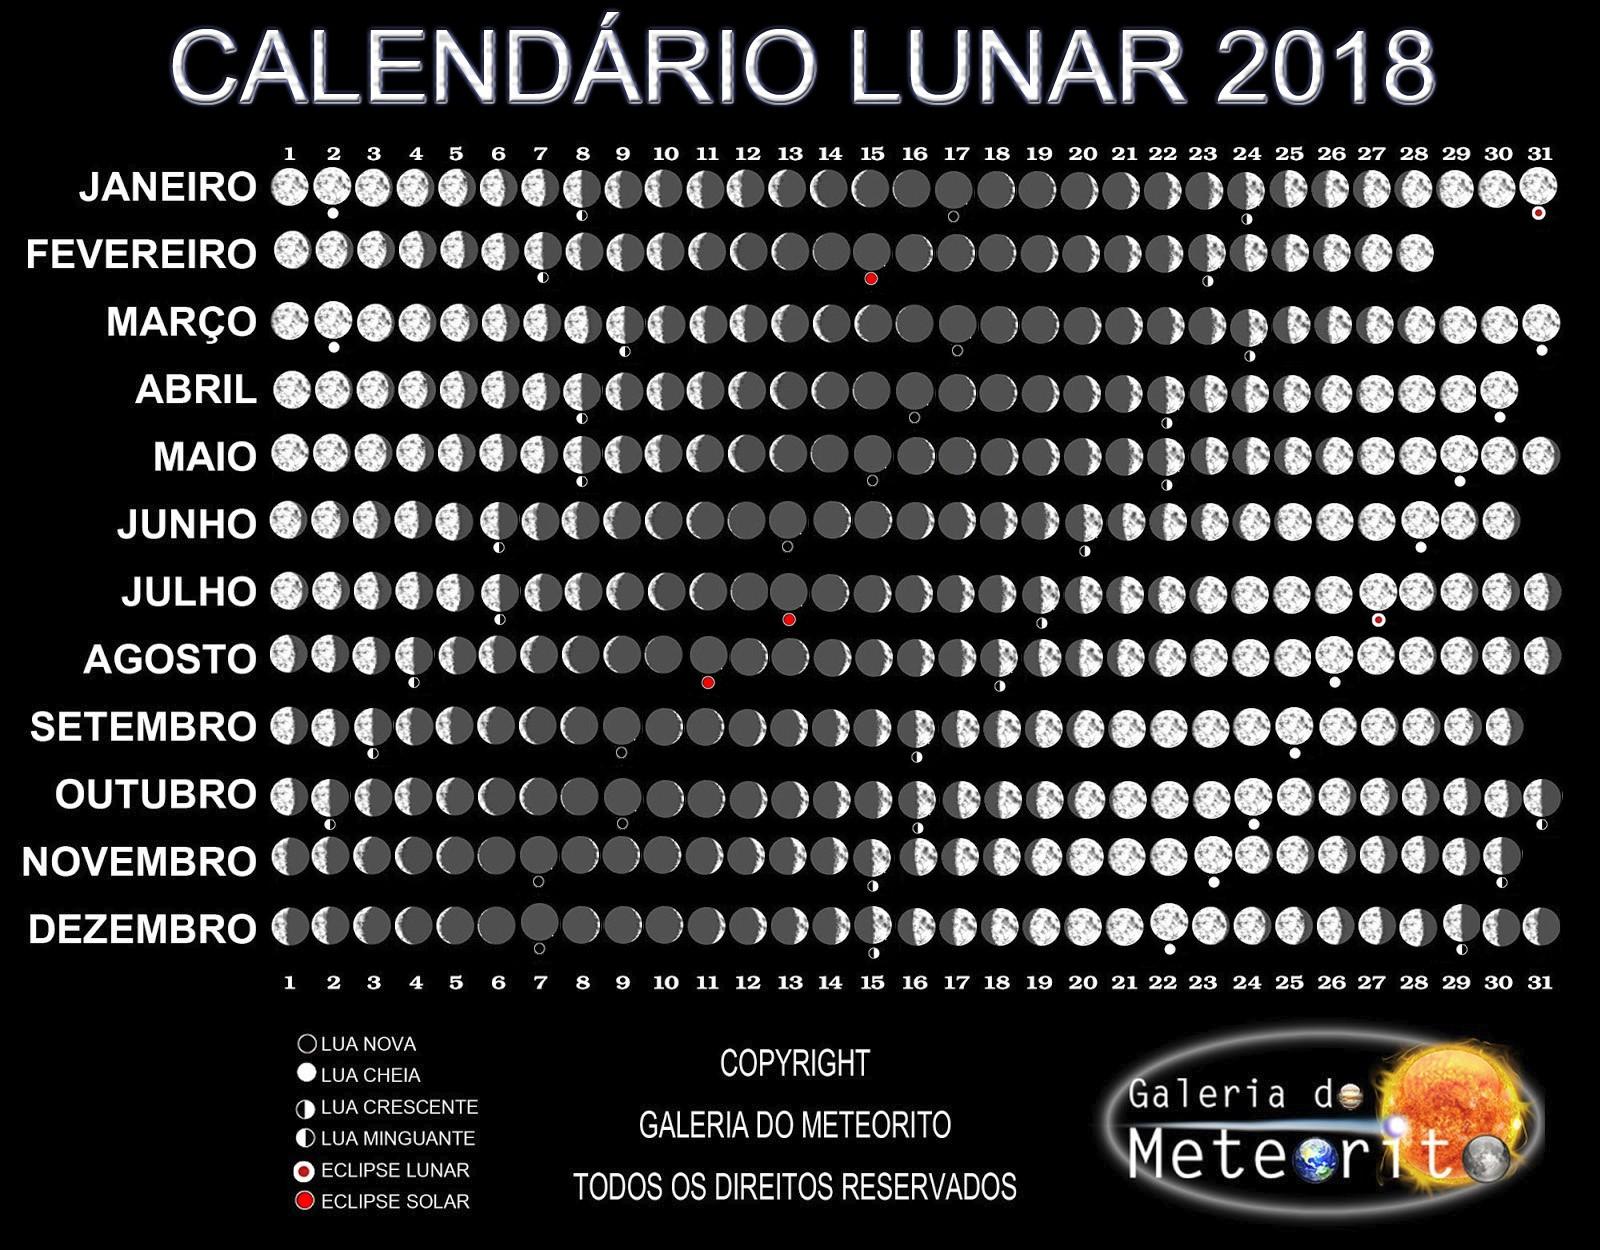 Calendário Lunar 2018 fases da lua 2018